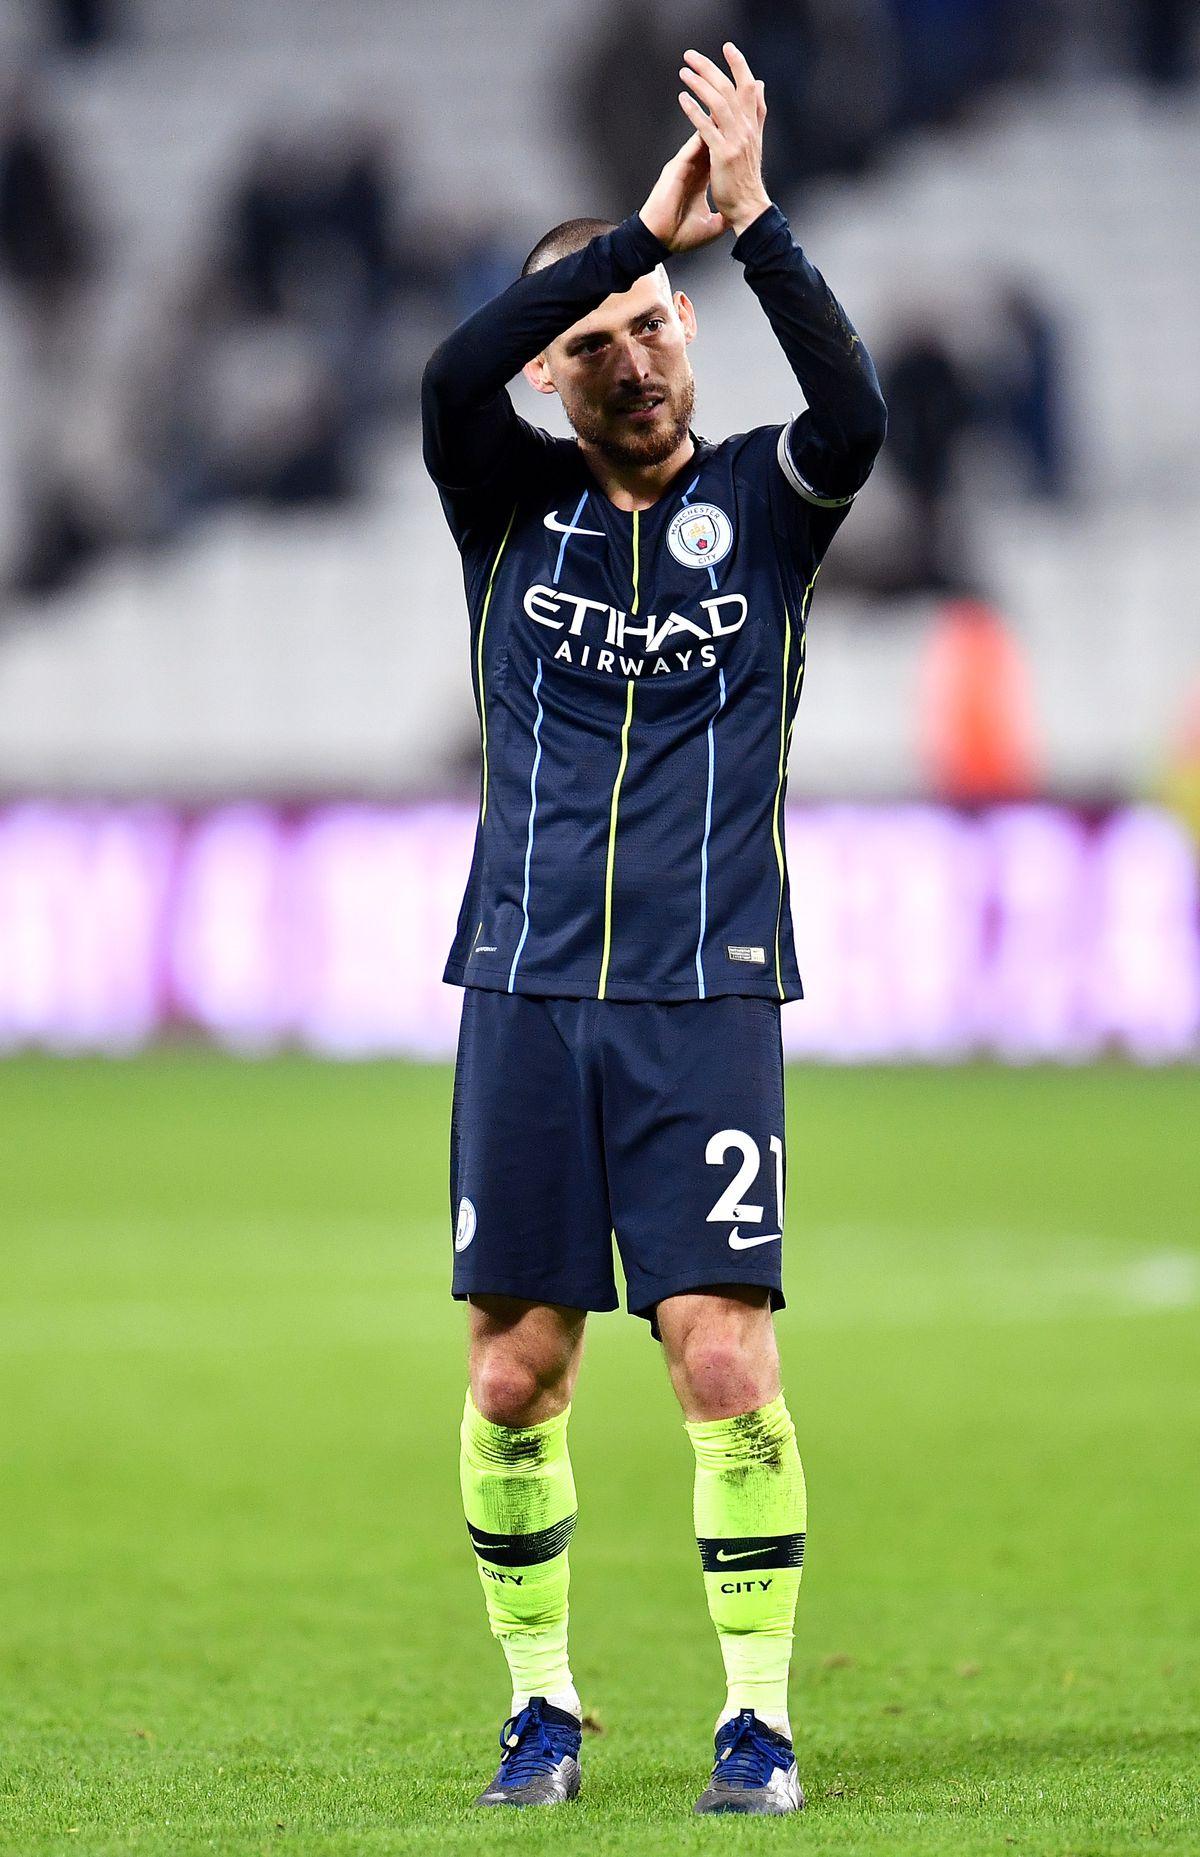 David Silva - Manchester City - Premier League